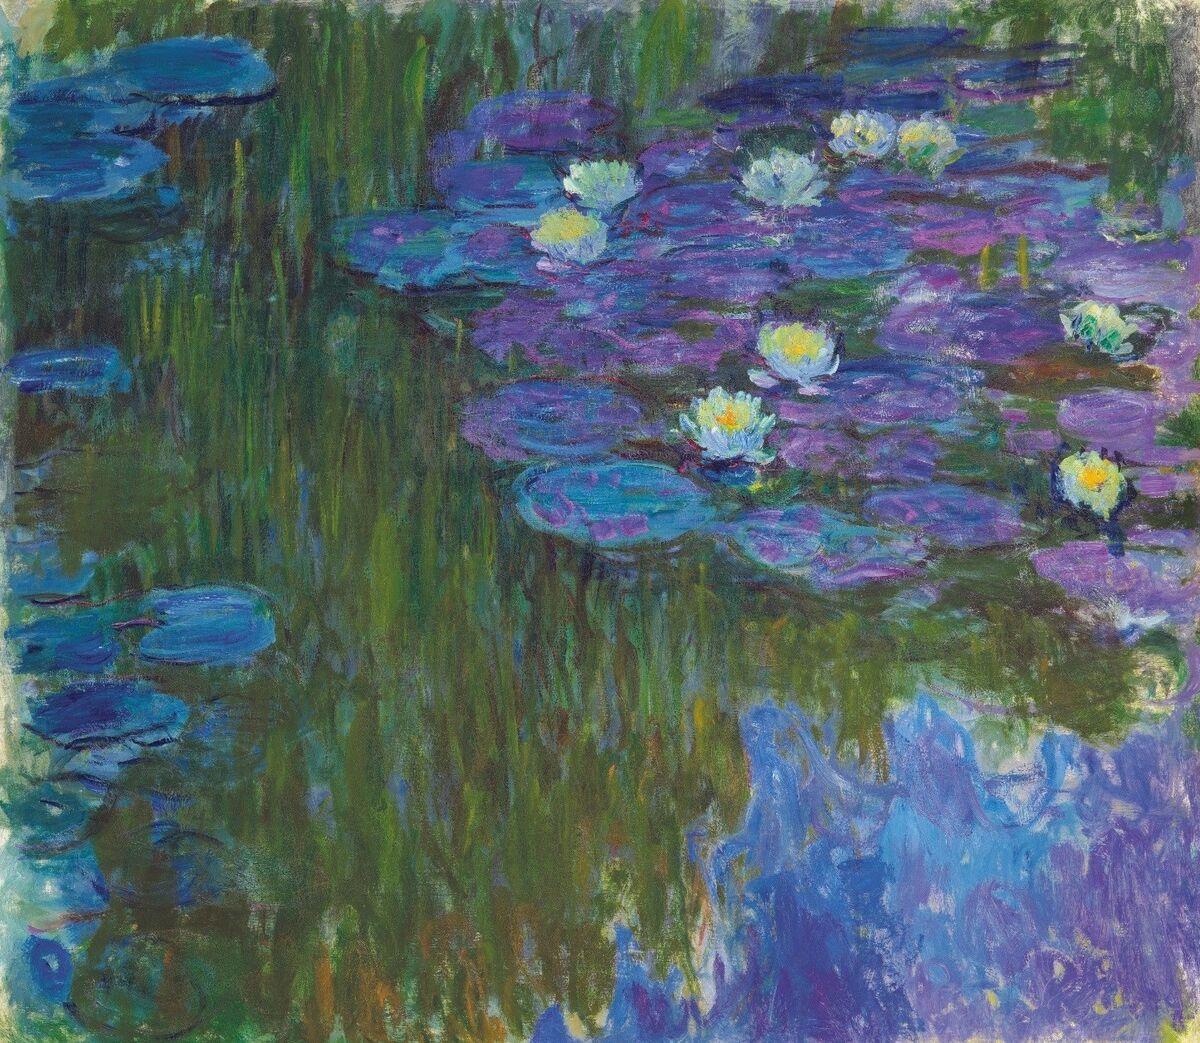 Claude Monet, Nymphéas en fleur, 1914-17. Courtesy of Christie's.